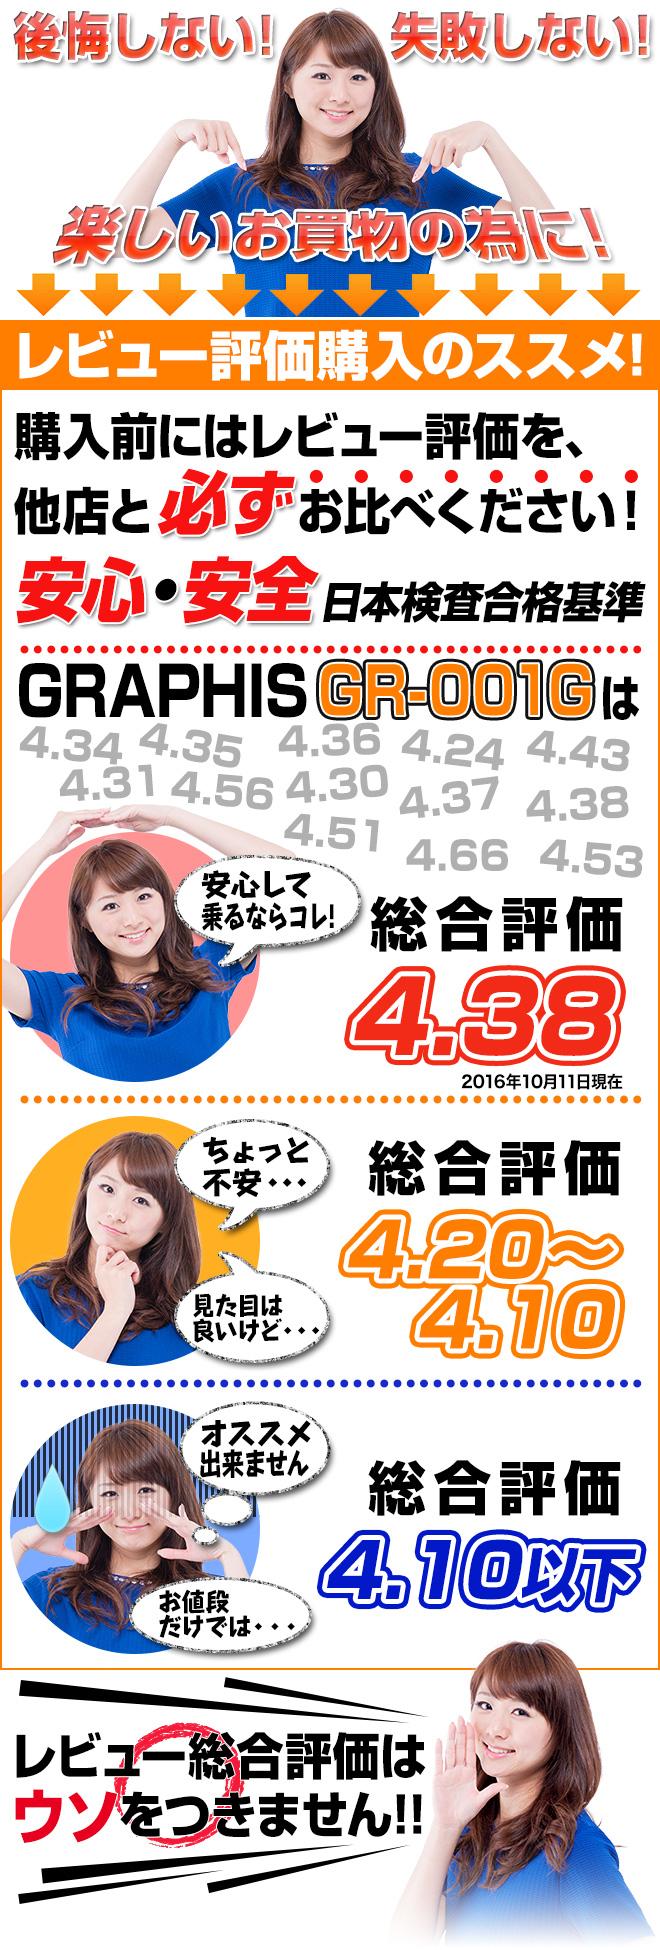 rev-susume_001g.jpg